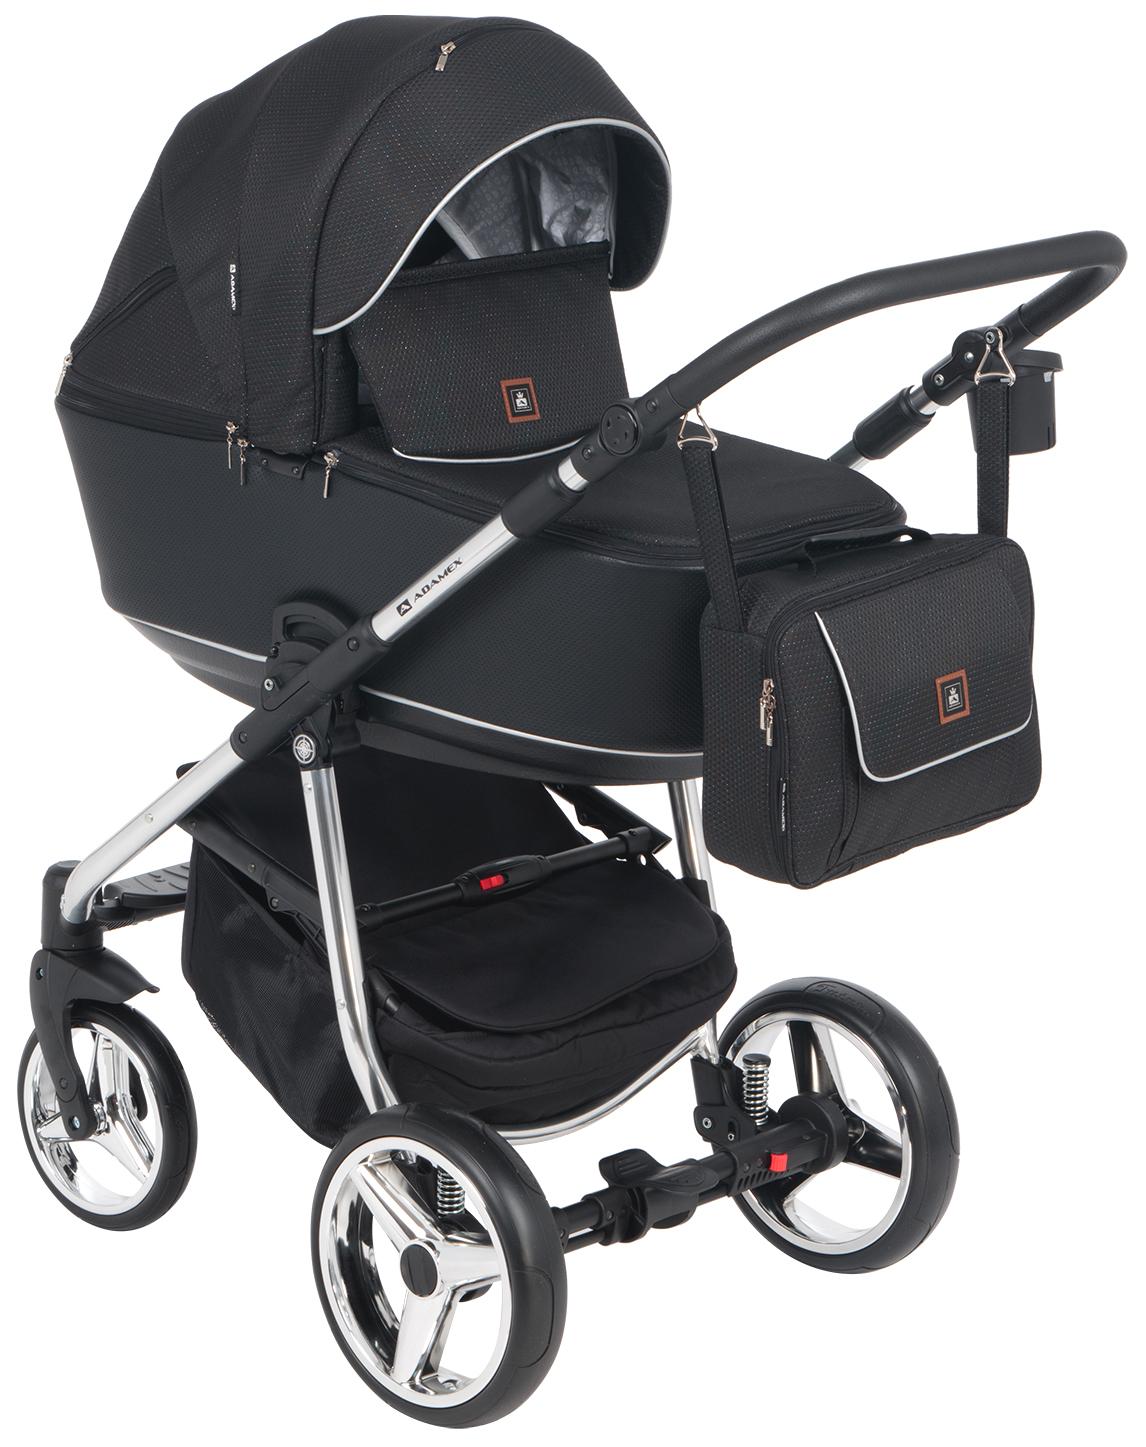 Купить Коляска 3 в 1 Adamex Barcelona special edition BR-605 цвет черный жаккард, Детские коляски 3 в 1